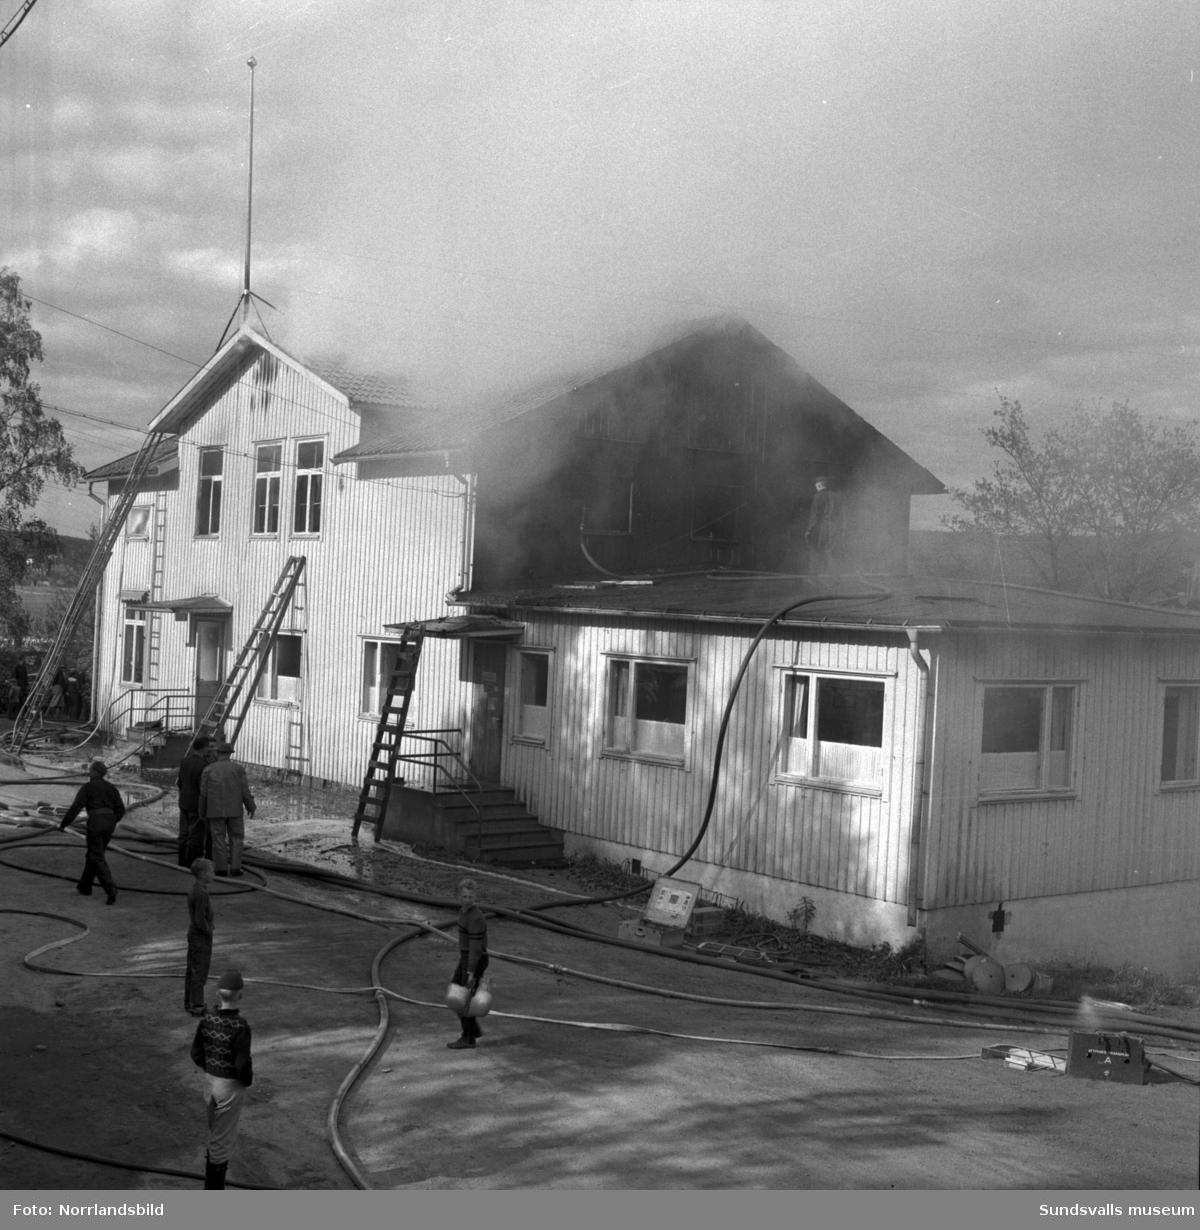 En stor serie bilder från en eldsvåda i kontorsbyggnaden till Luckstaverken, Lucksta ångsåg. Släckningsarbete pågår och massor av människor hjälps åt att rädda så mycket lösöre som möjligt. Elden startade i på övervåningen i kassören Sven Perssons bostadslägenhet. Persson räddade sig ut genom att hoppa från balkongen på baksidan. Brandkårerna från Attmar, Tuna och Sundsvall lyckades till slut få bukt med elden men övervåningen totalskadades och det kafé som fanns inrymt i bottenvåningen fick stora brand- och vattenskador.